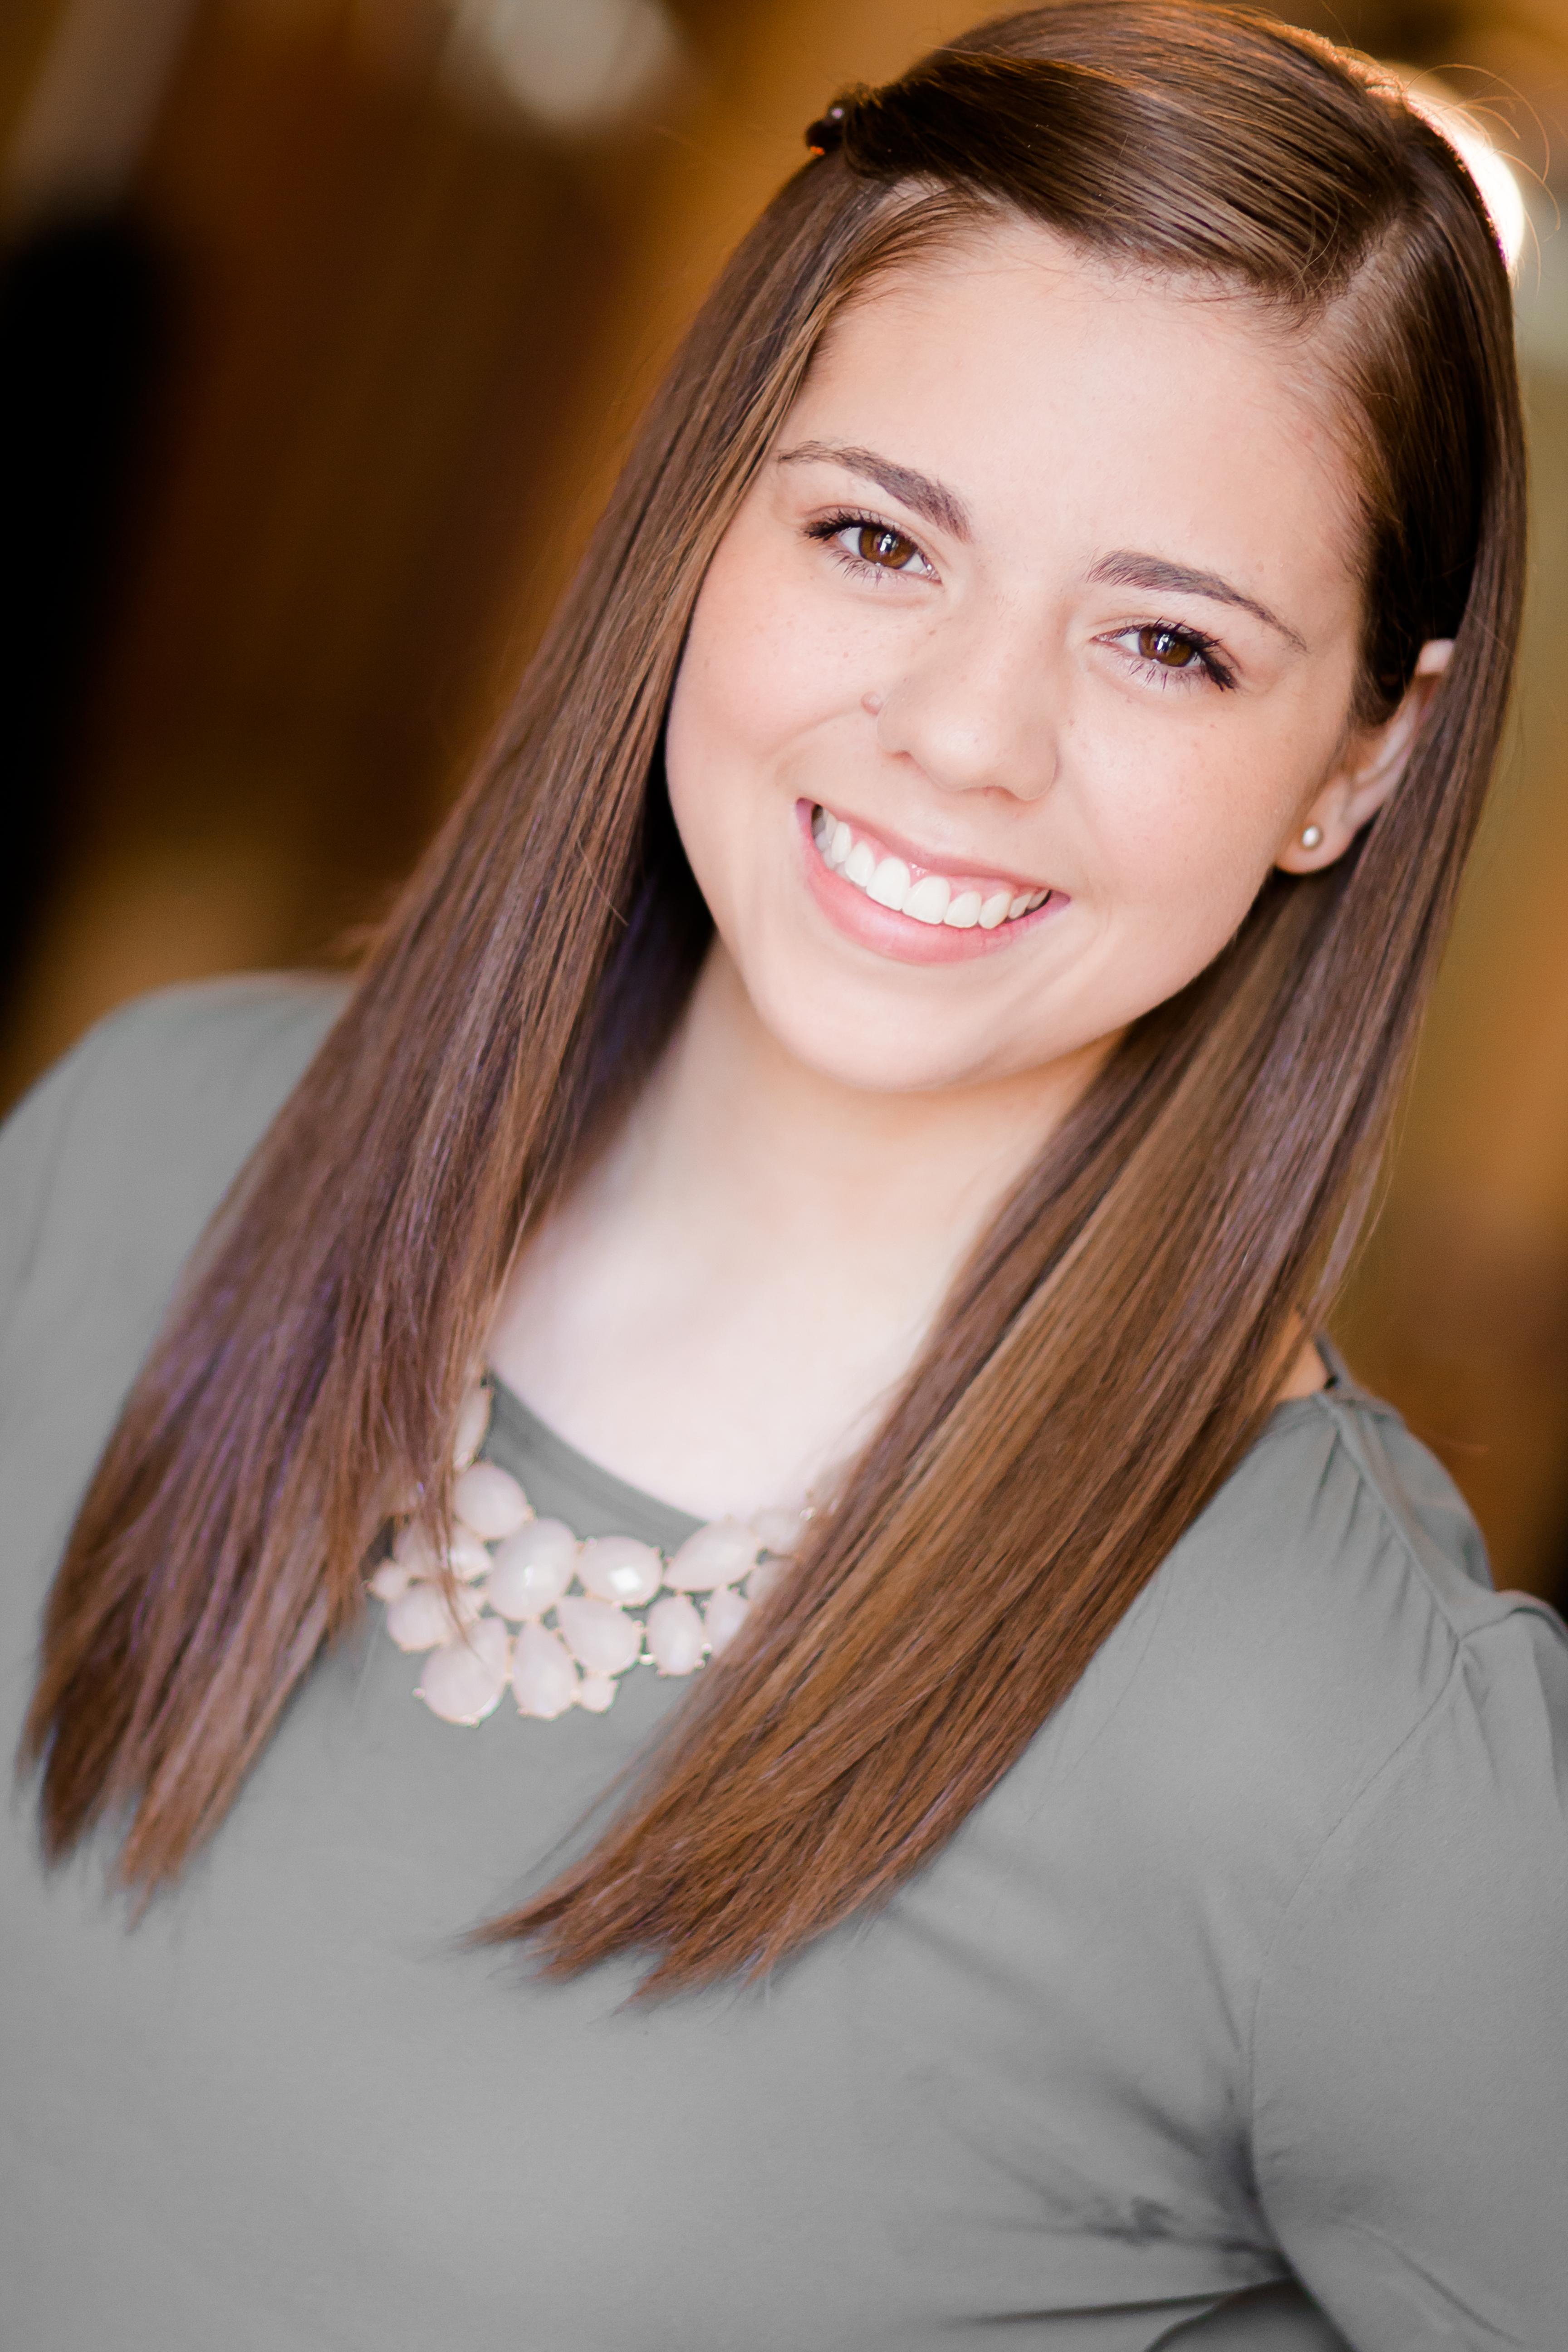 Actress: Brianna